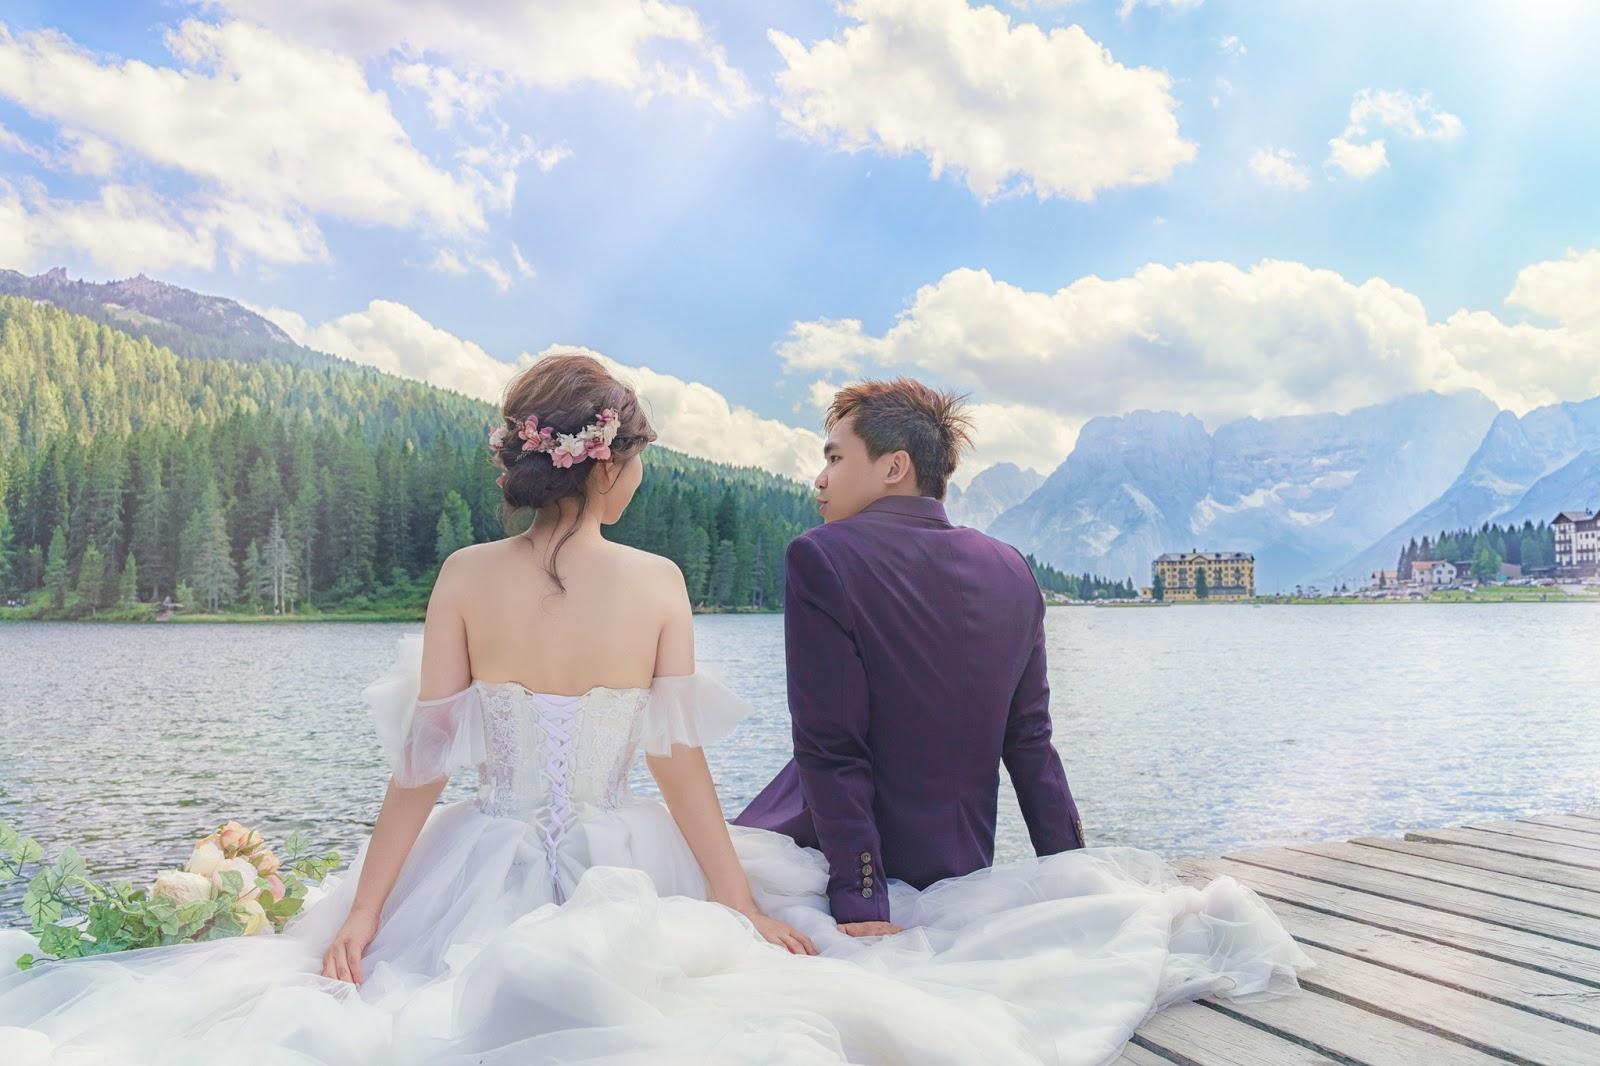 多洛米蒂 富內斯 Val di Funes 仙境婚紗 Dolomiti 義大利婚紗 Bolzano 波扎諾 威尼斯婚紗 米蘭羅馬